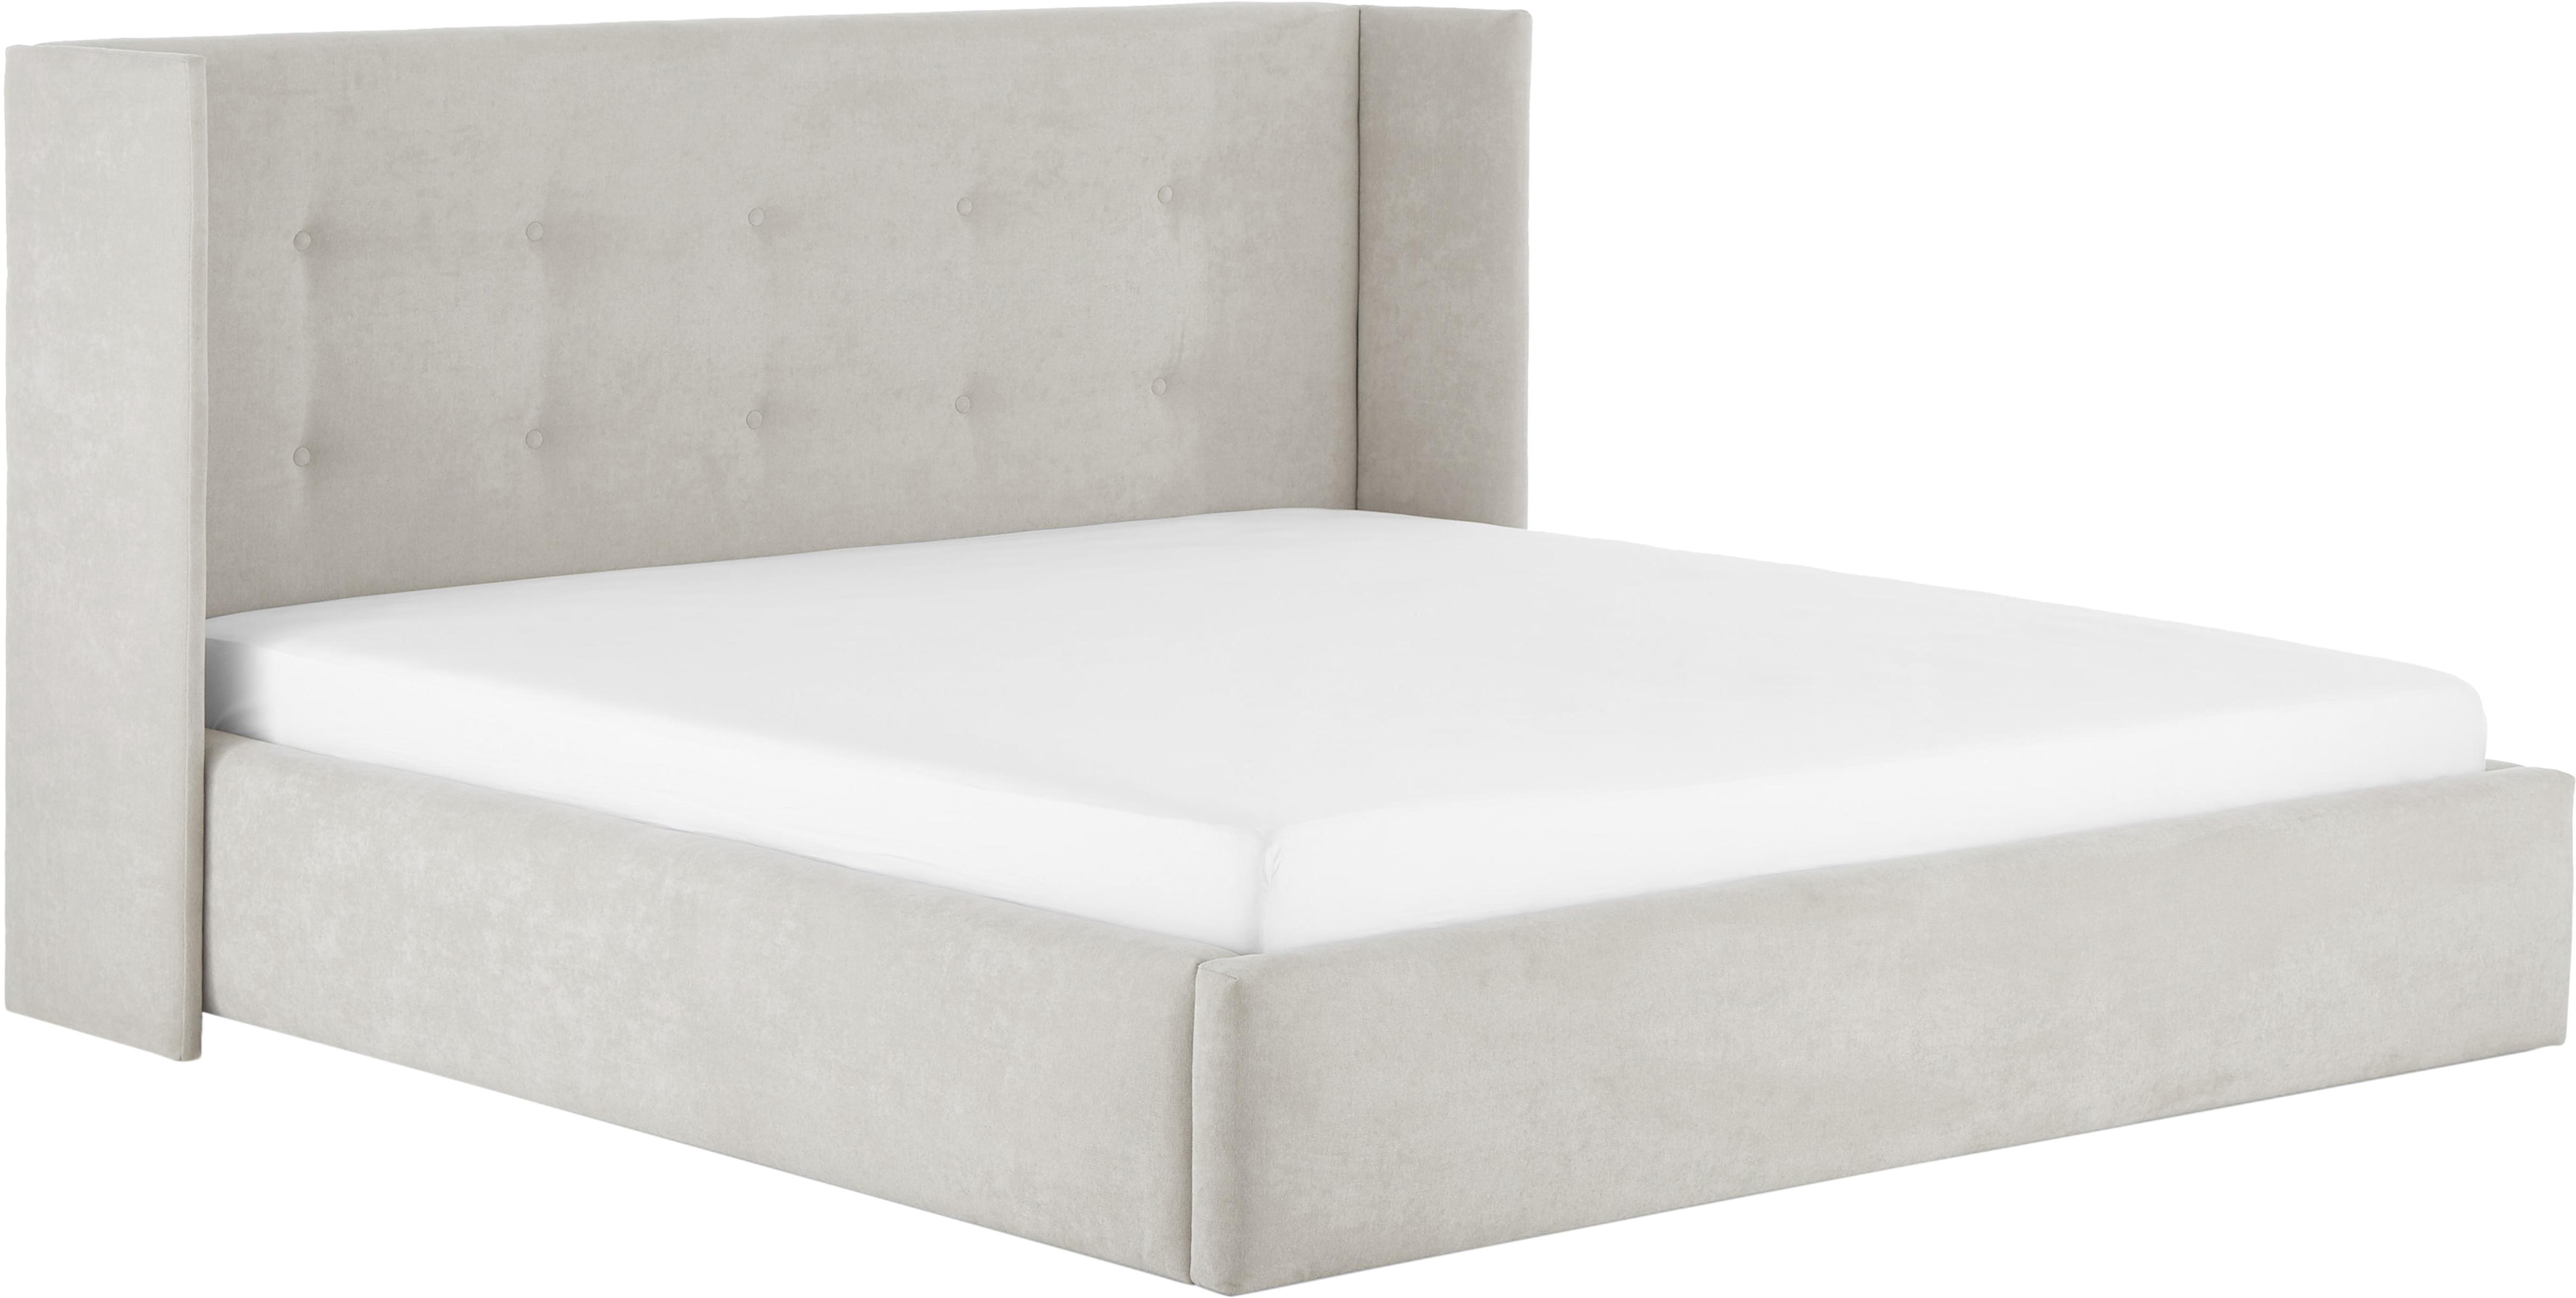 Łóżko tapicerowane Star, Korpus: lite drewno sosnowe, Tapicerka: poliester (materiał tekst, Jasny szary, 180 x 200 cm